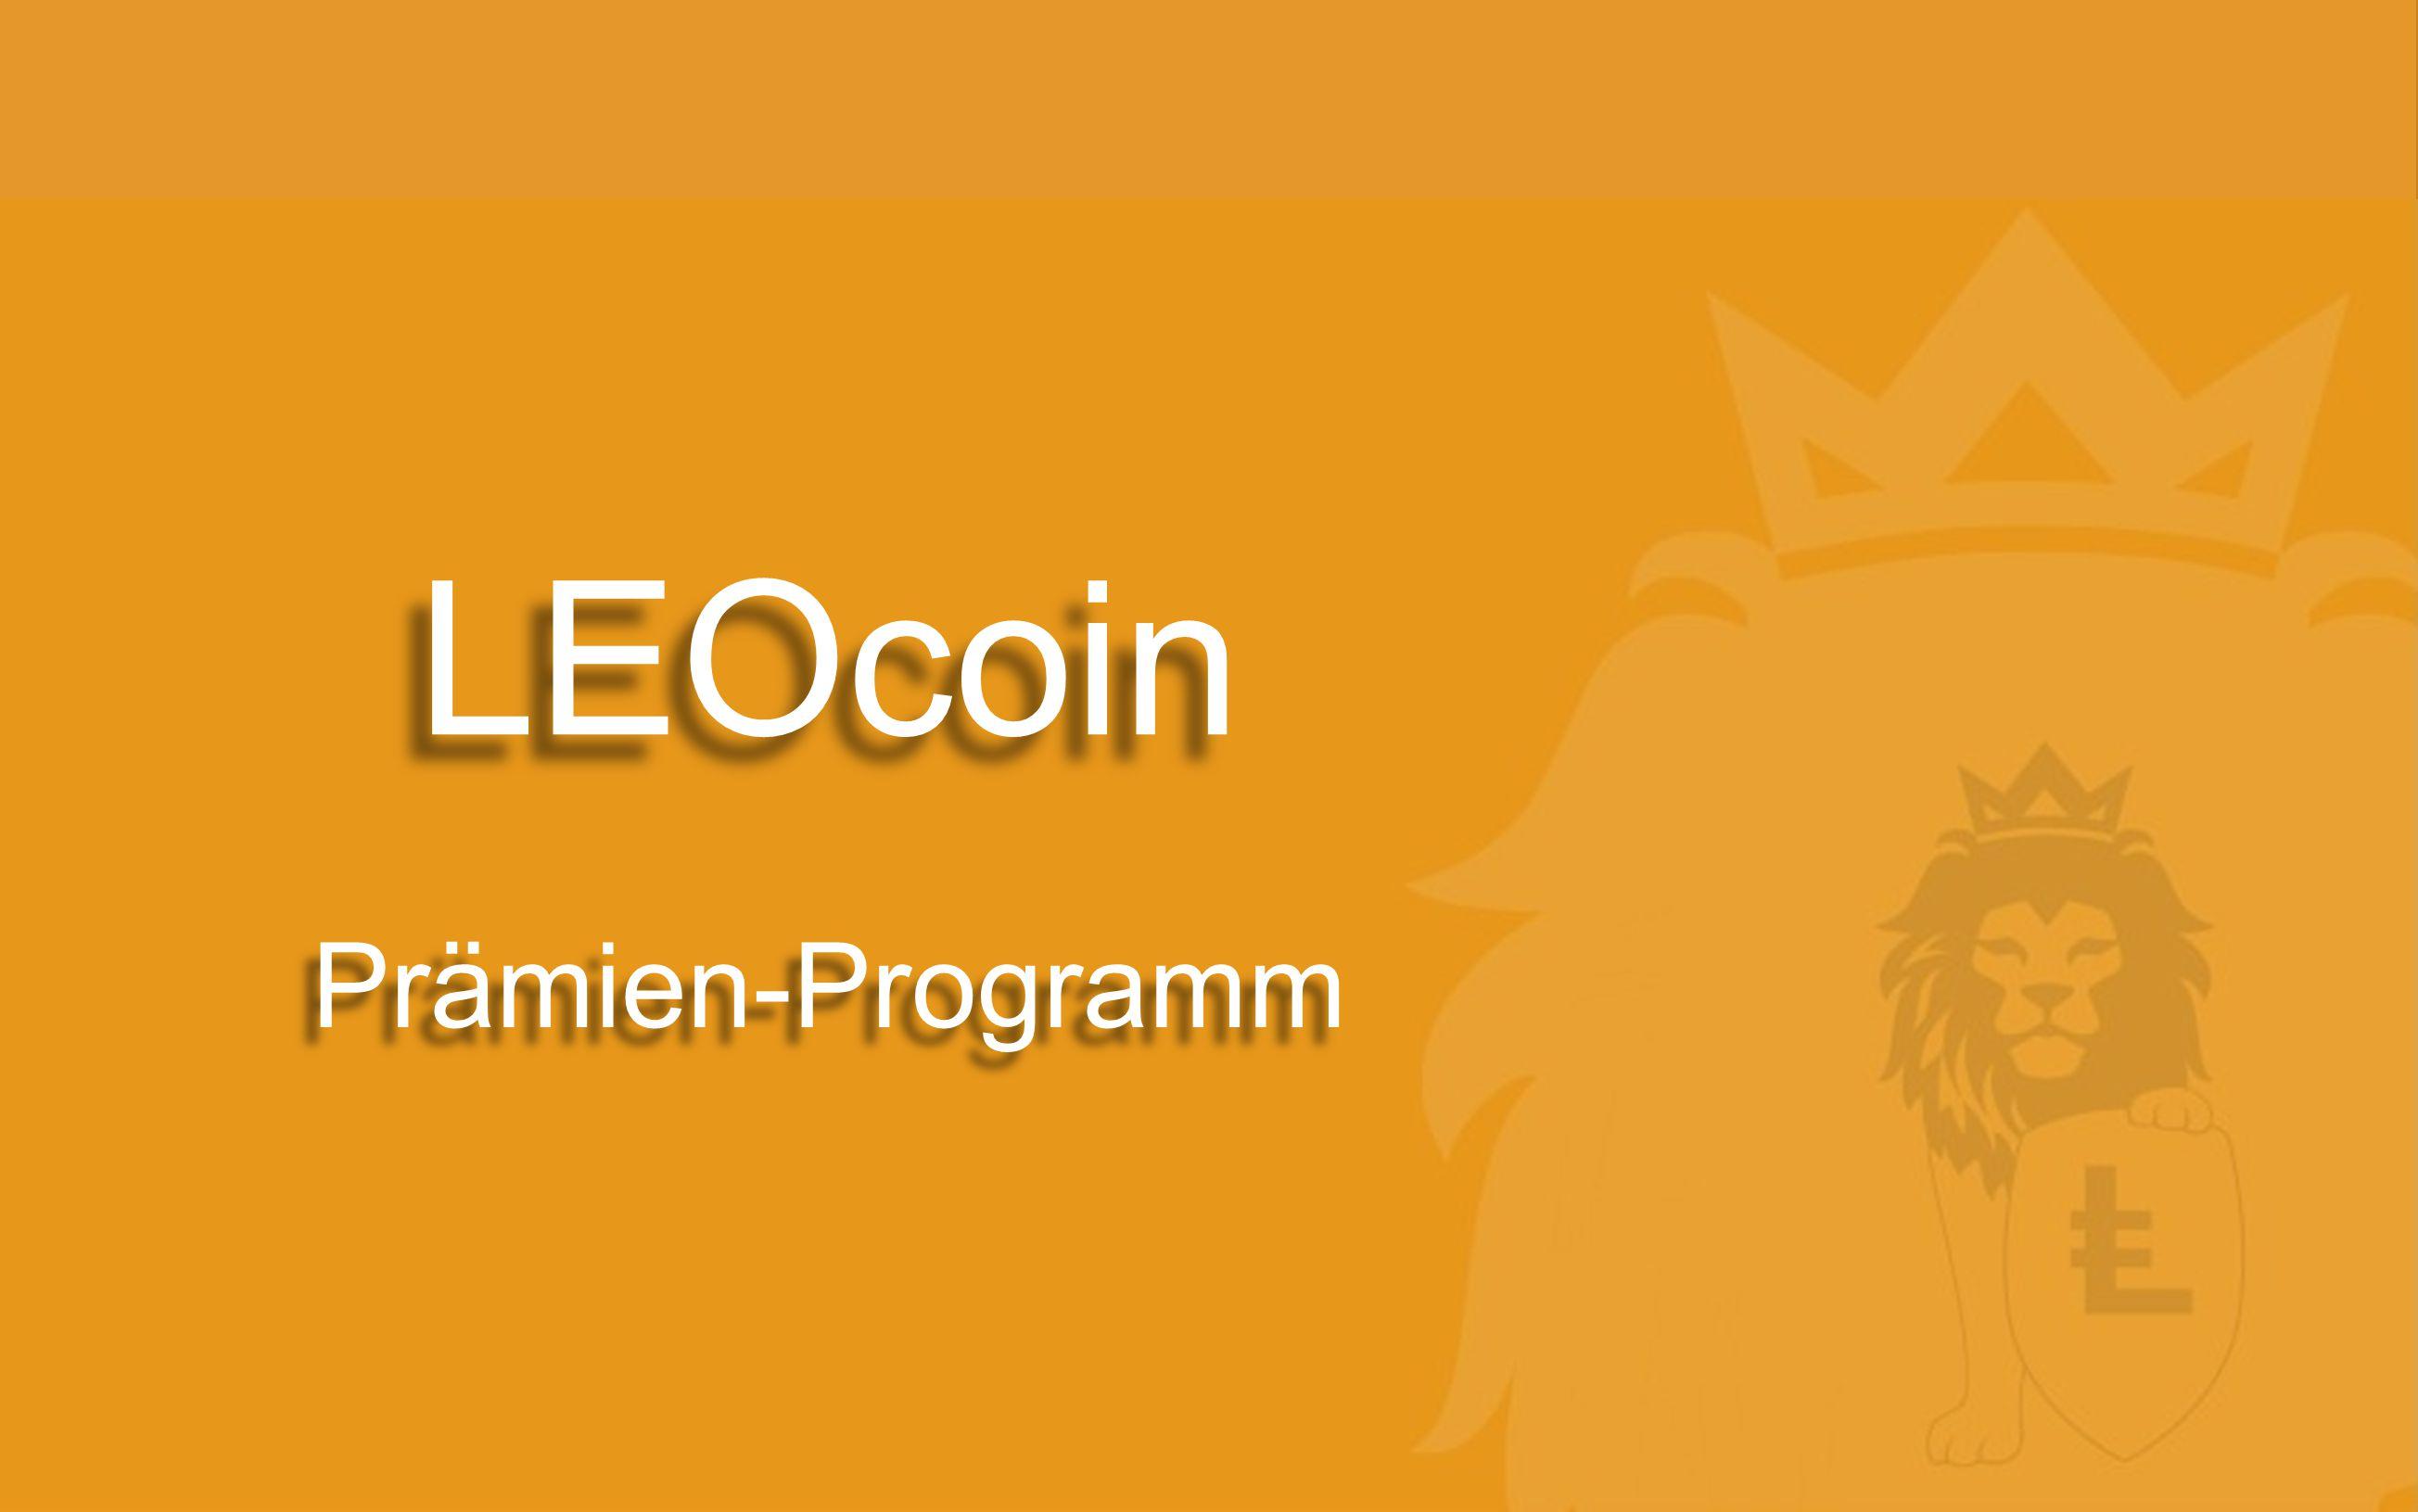 LEOcoin Prämien-Programm